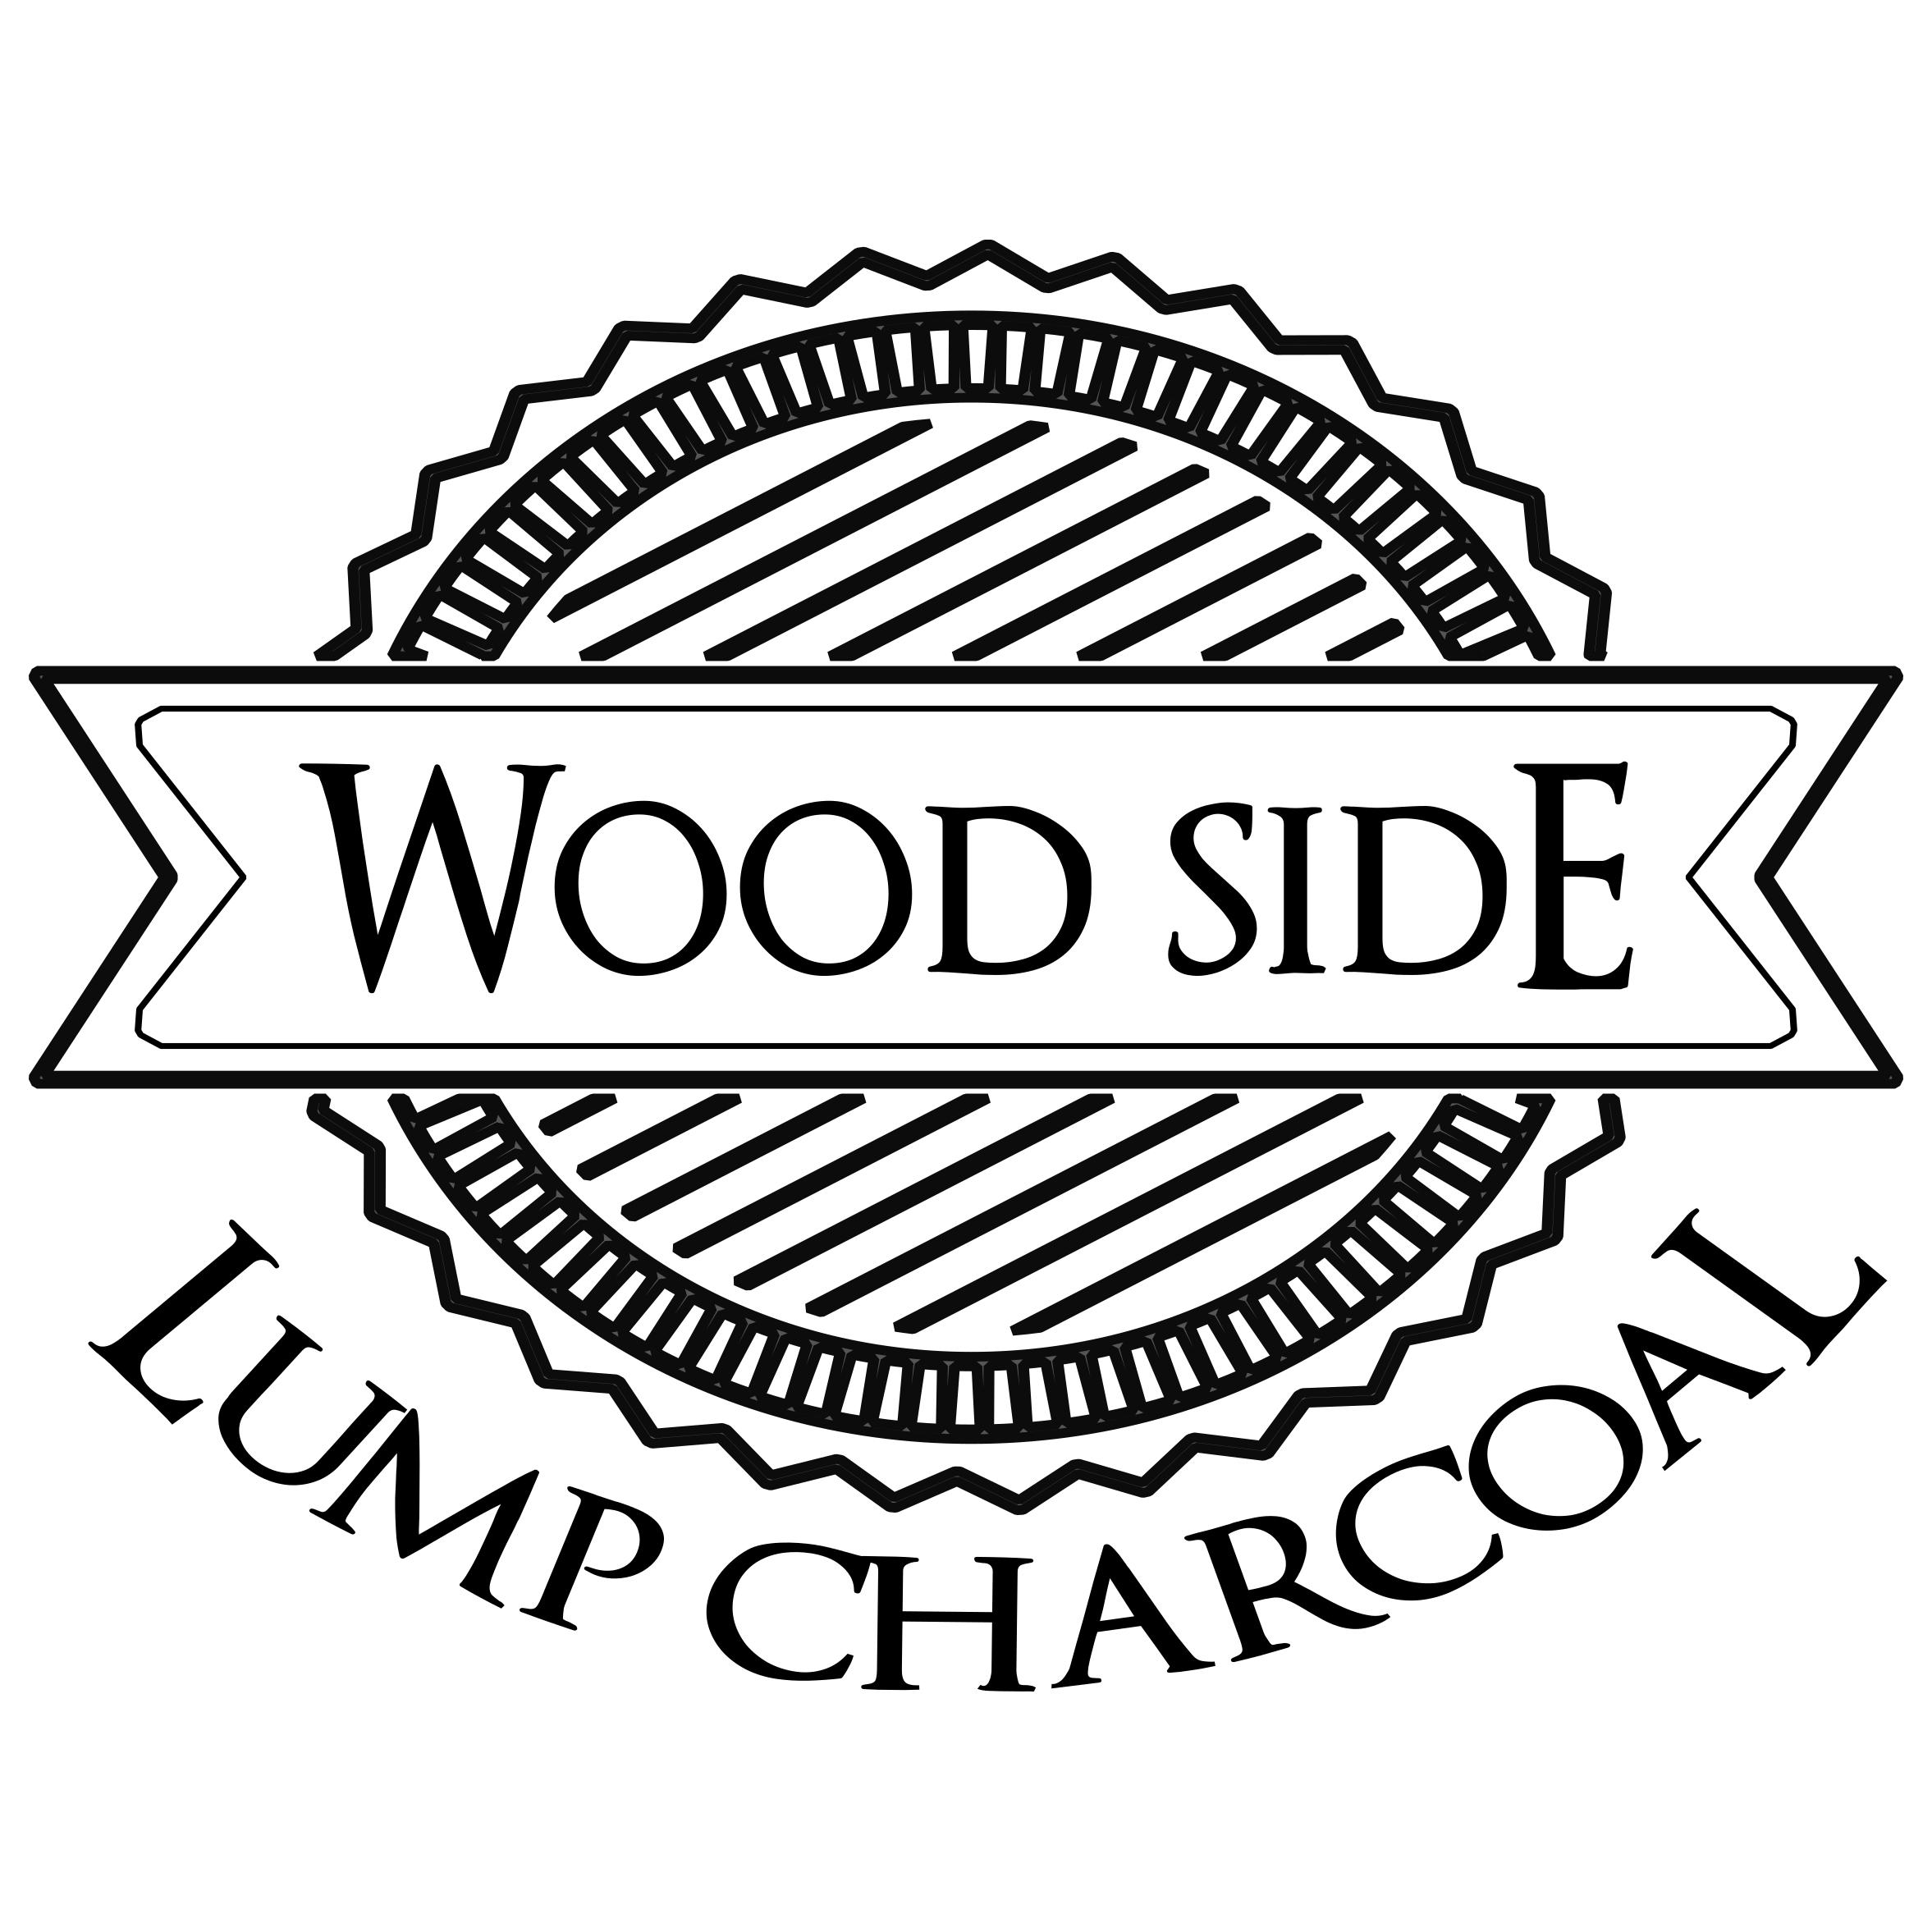 Wood Side Lump Charcoal